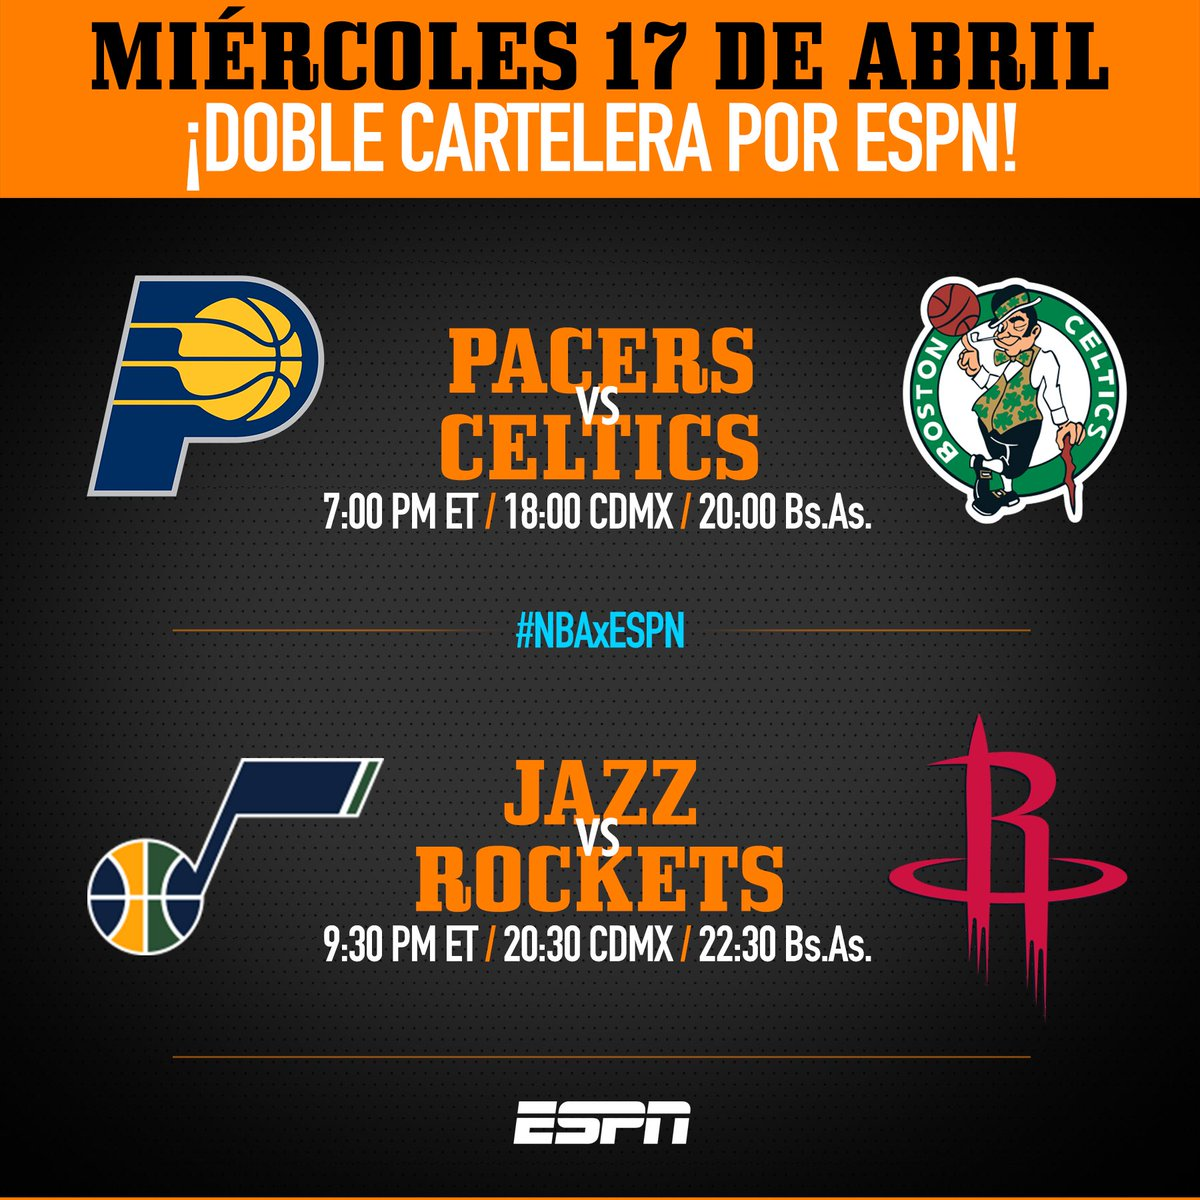 El menú de playoffs de hoy en #NBAxESPN  1. Pacers (0) Vs Celtics (1) con @CoachCMorales y @AlvaroNBAMartin   2. Jazz (0) Vs Rockets (1) con @soyleomontero y @AleRPerez https://t.co/fqc7yV33H8